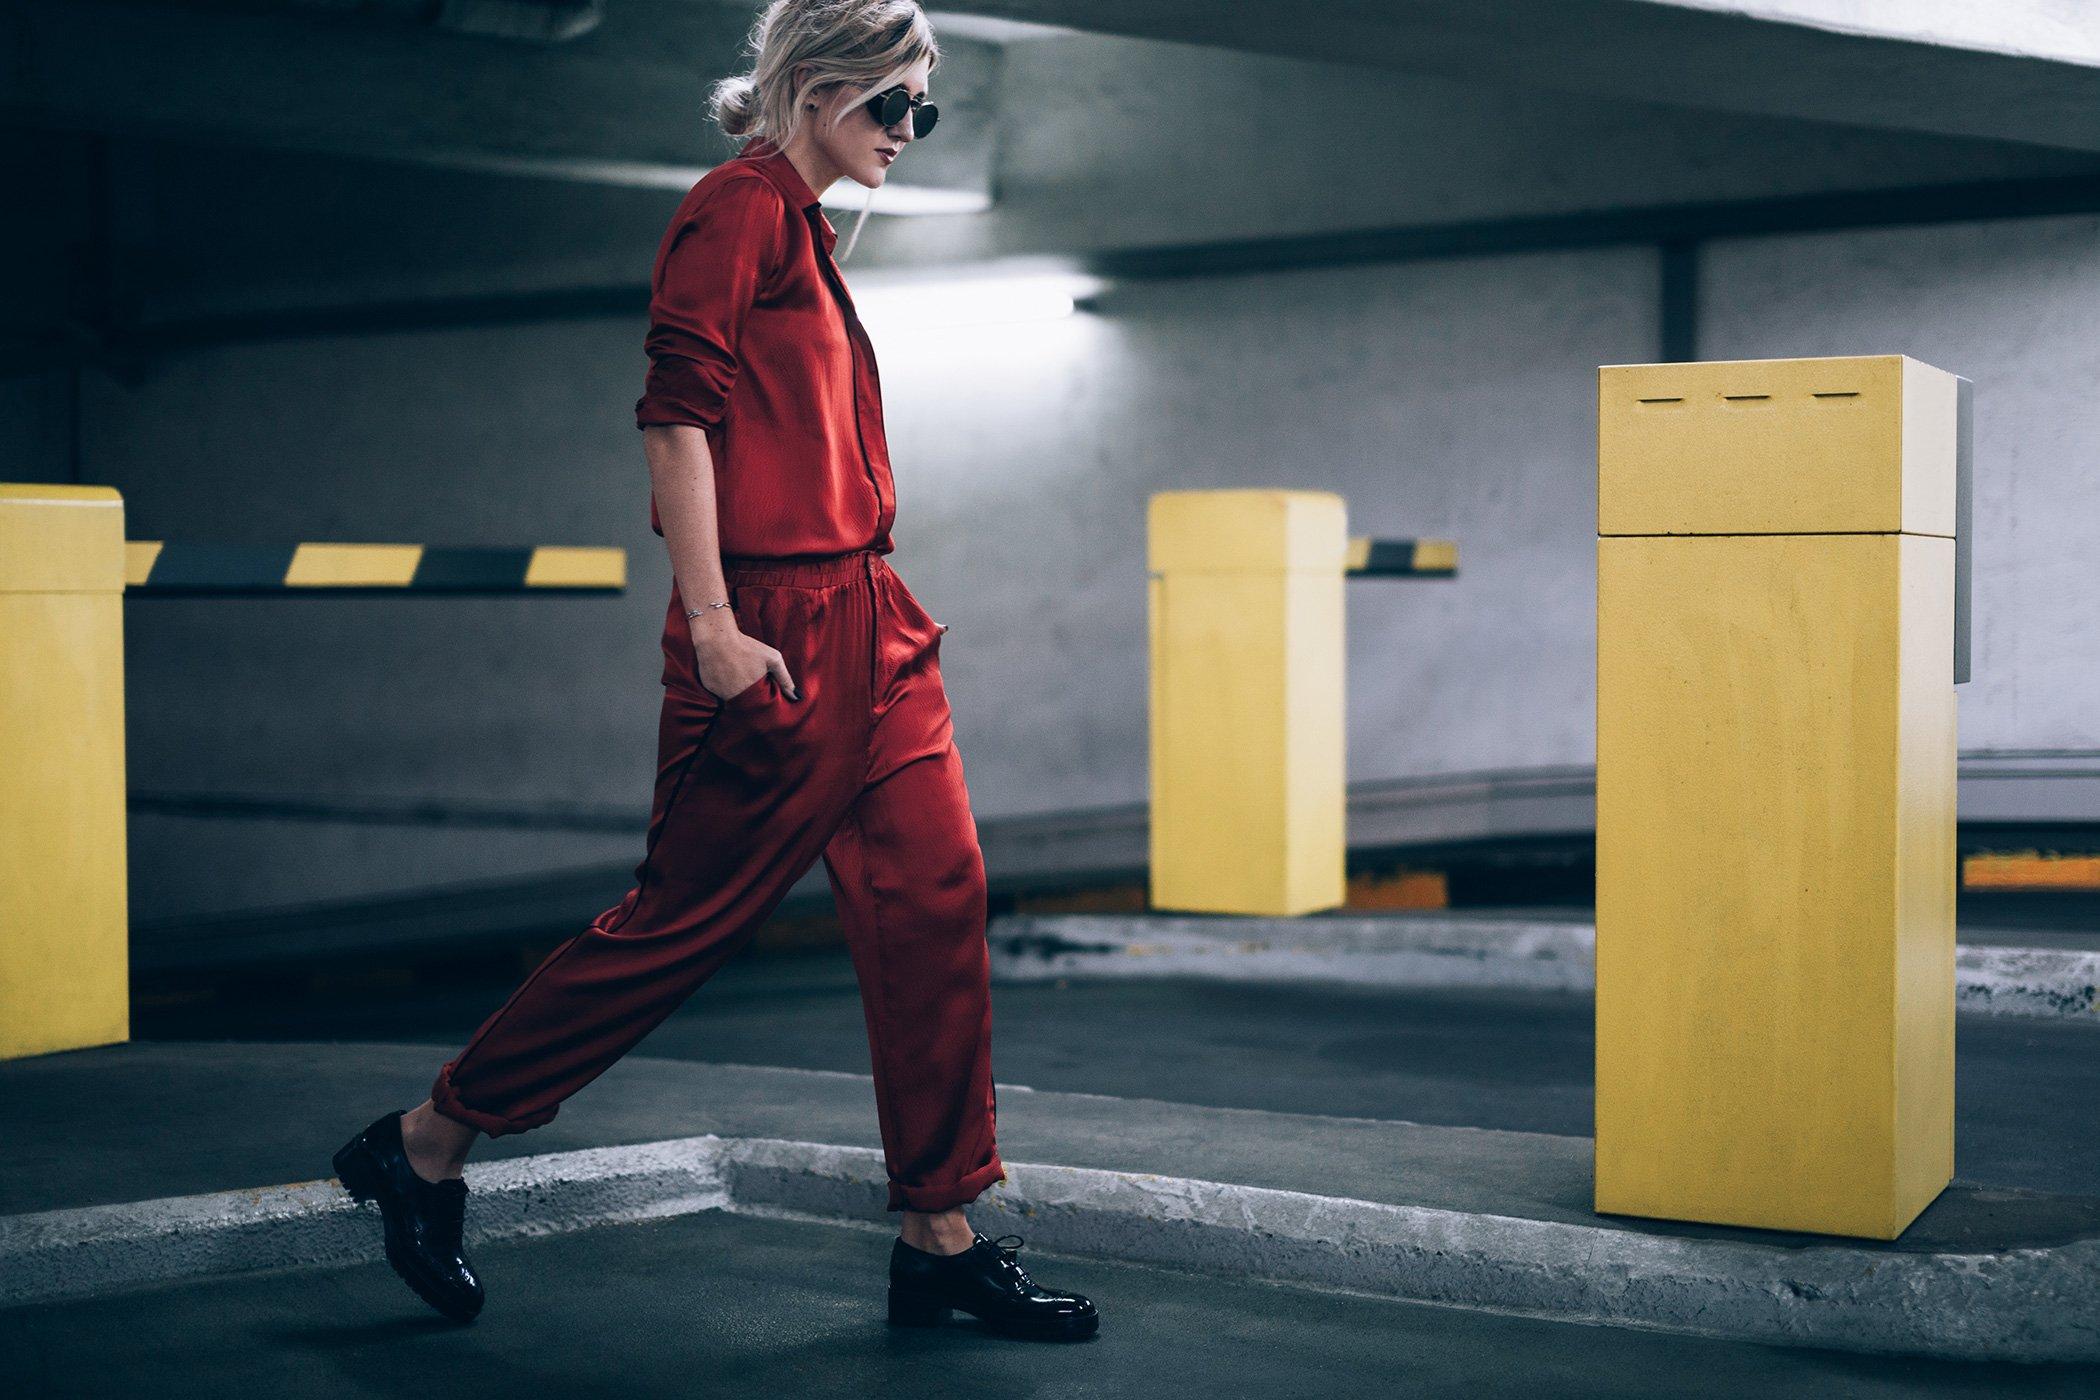 mikuta-in-red-ganni-suit-1